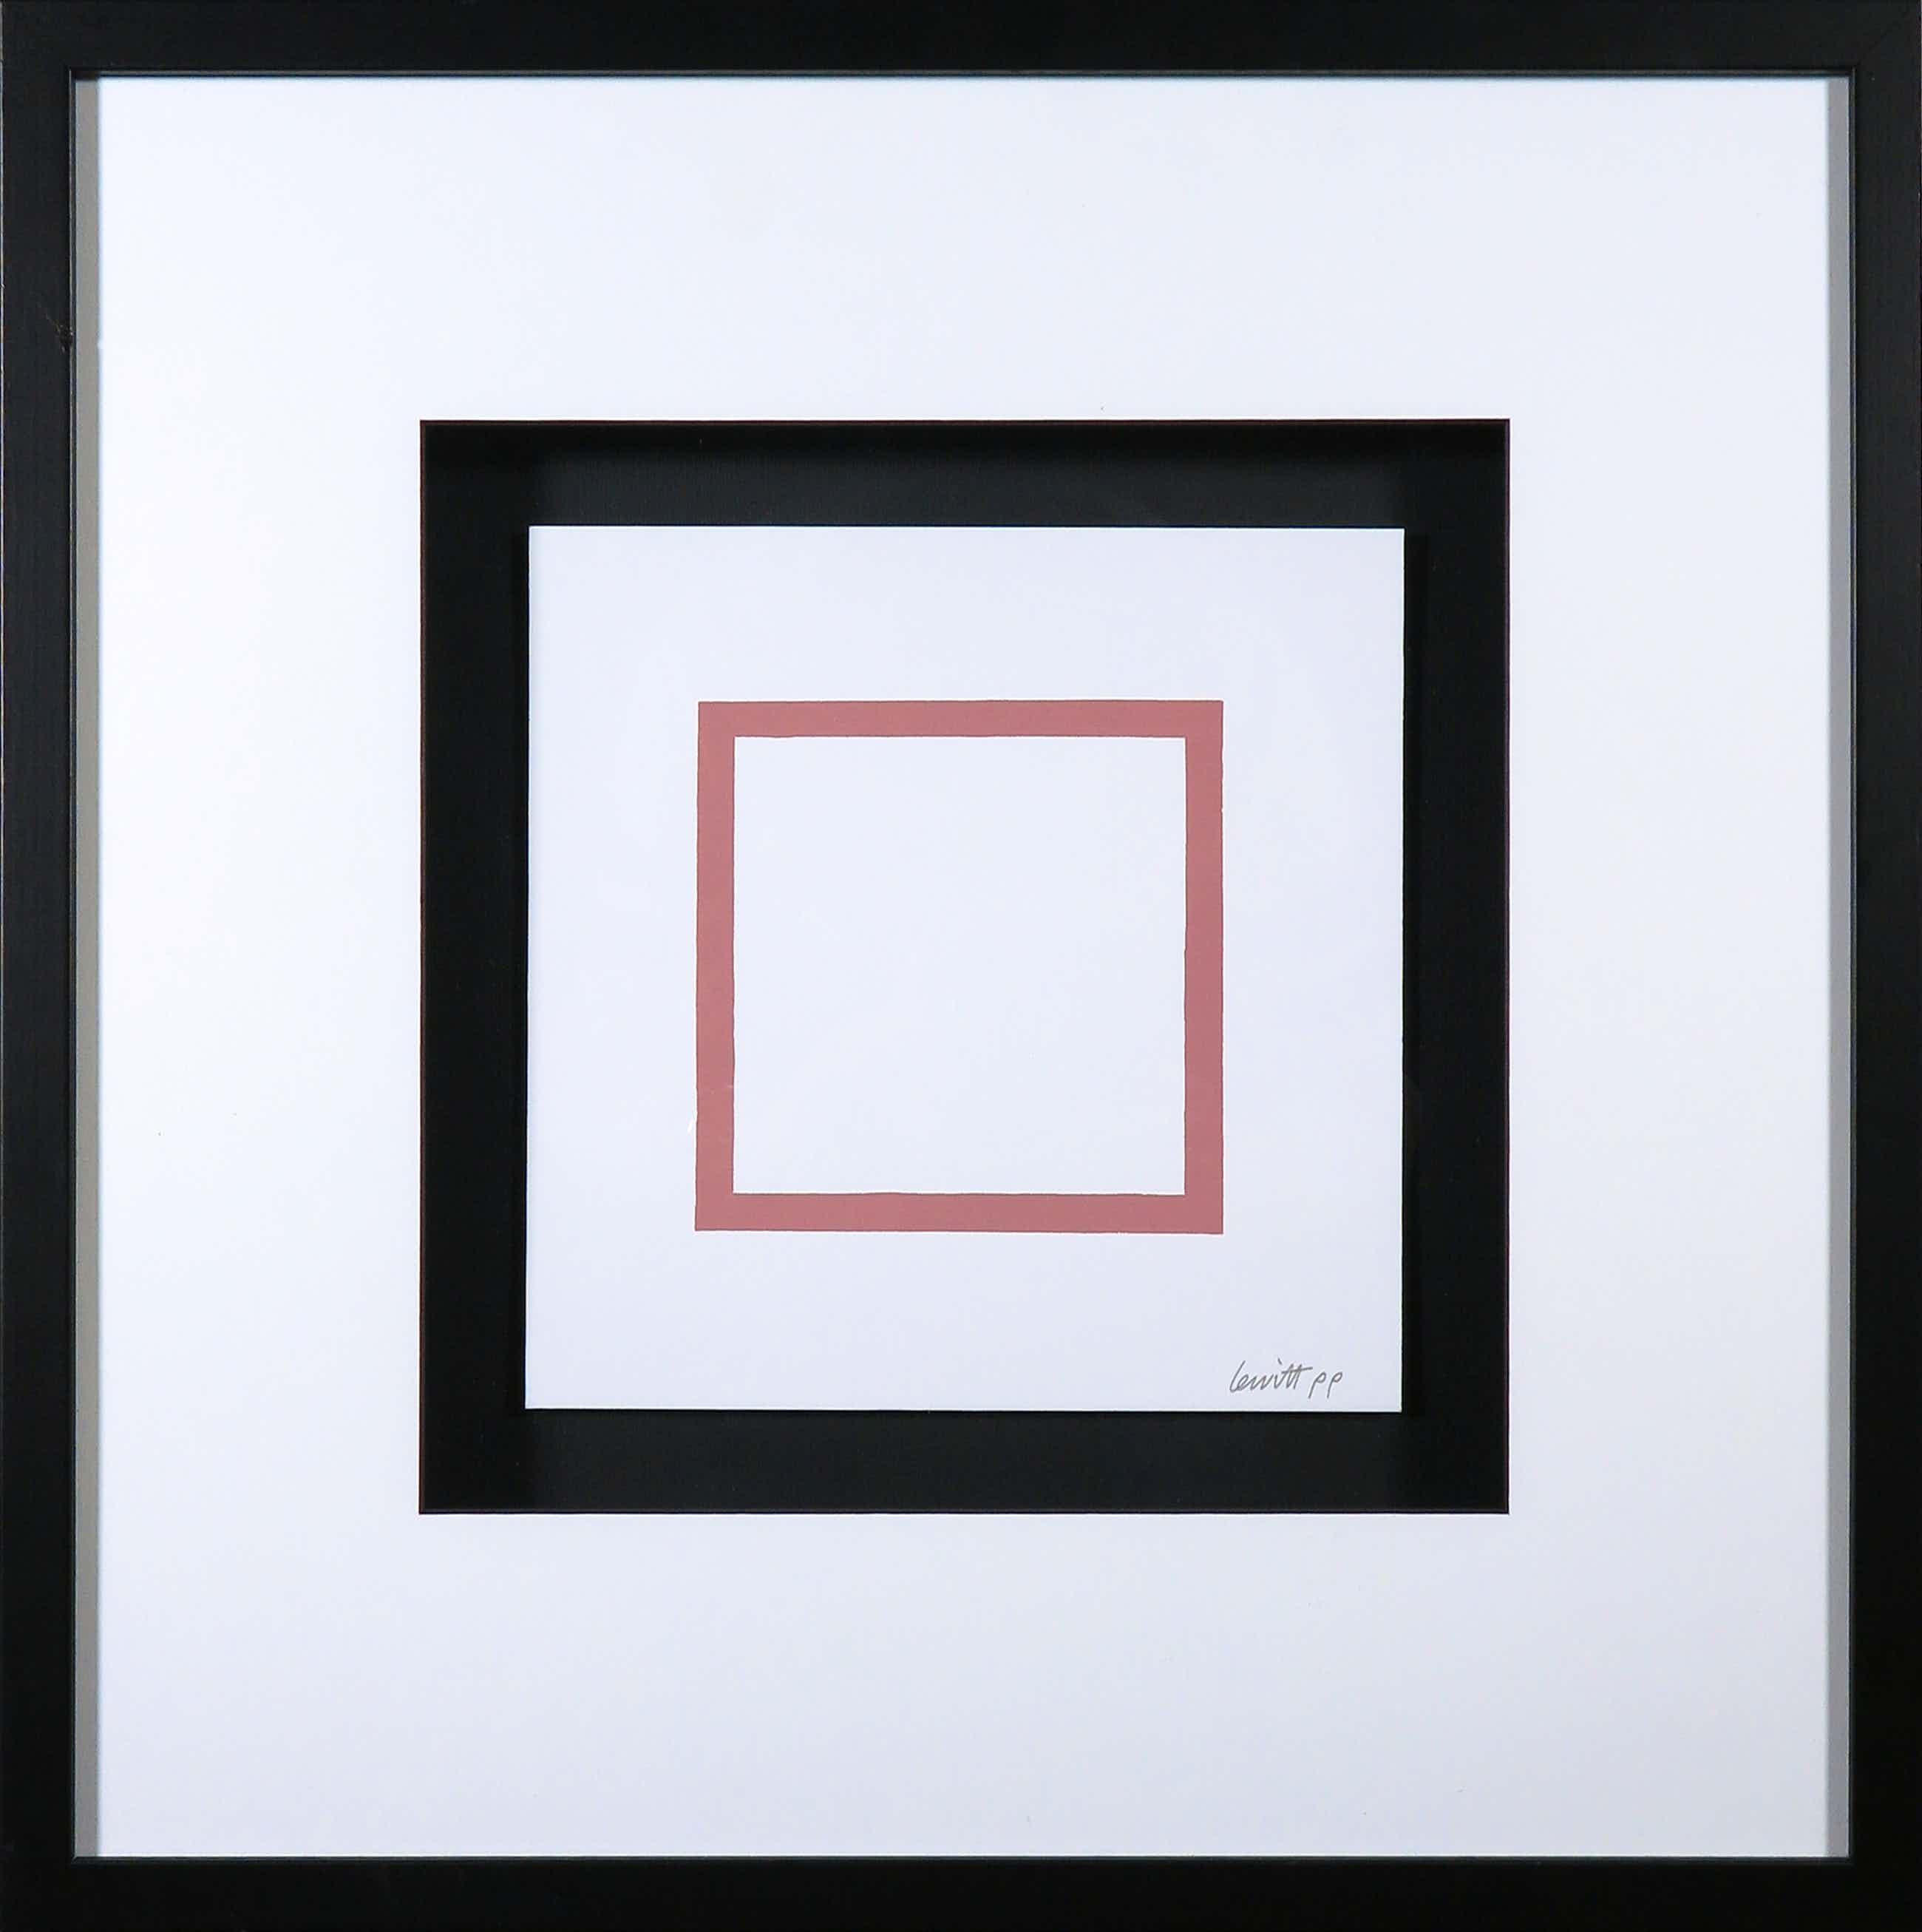 Sol LeWitt - Zeefdruk uit de serie 'Five Geometric Figures in Five Colors' - Ingelijst kopen? Bied vanaf 380!